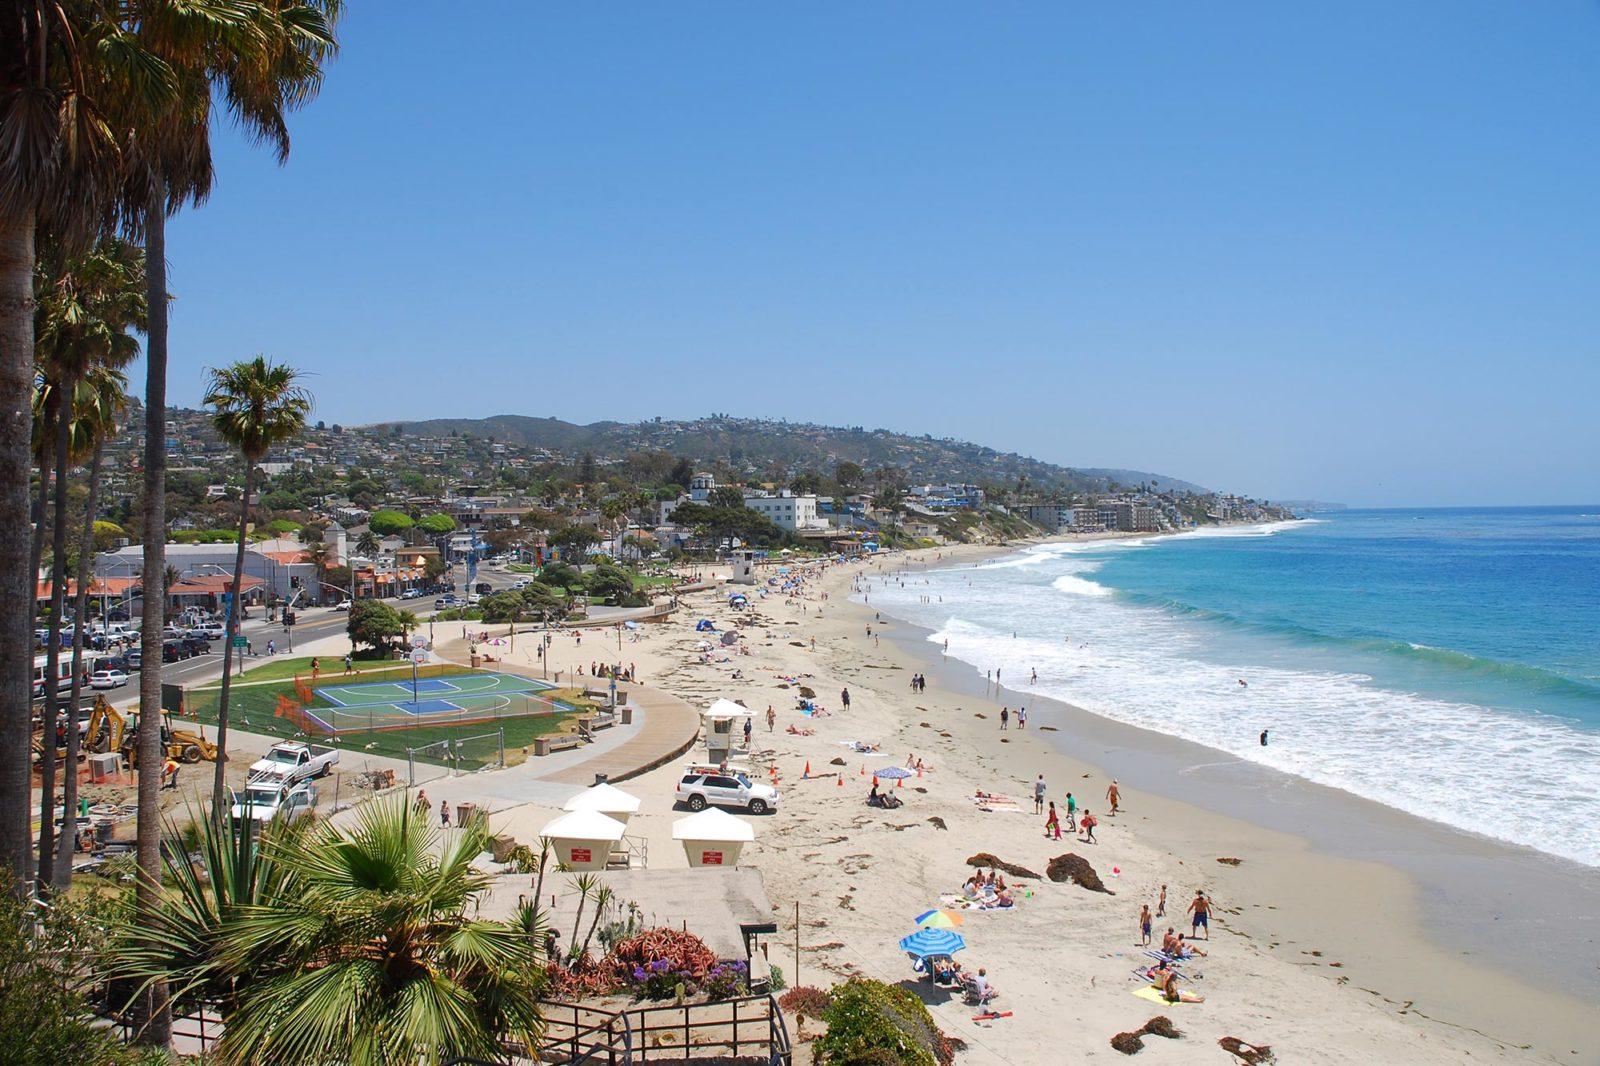 Stranden Los Angeles